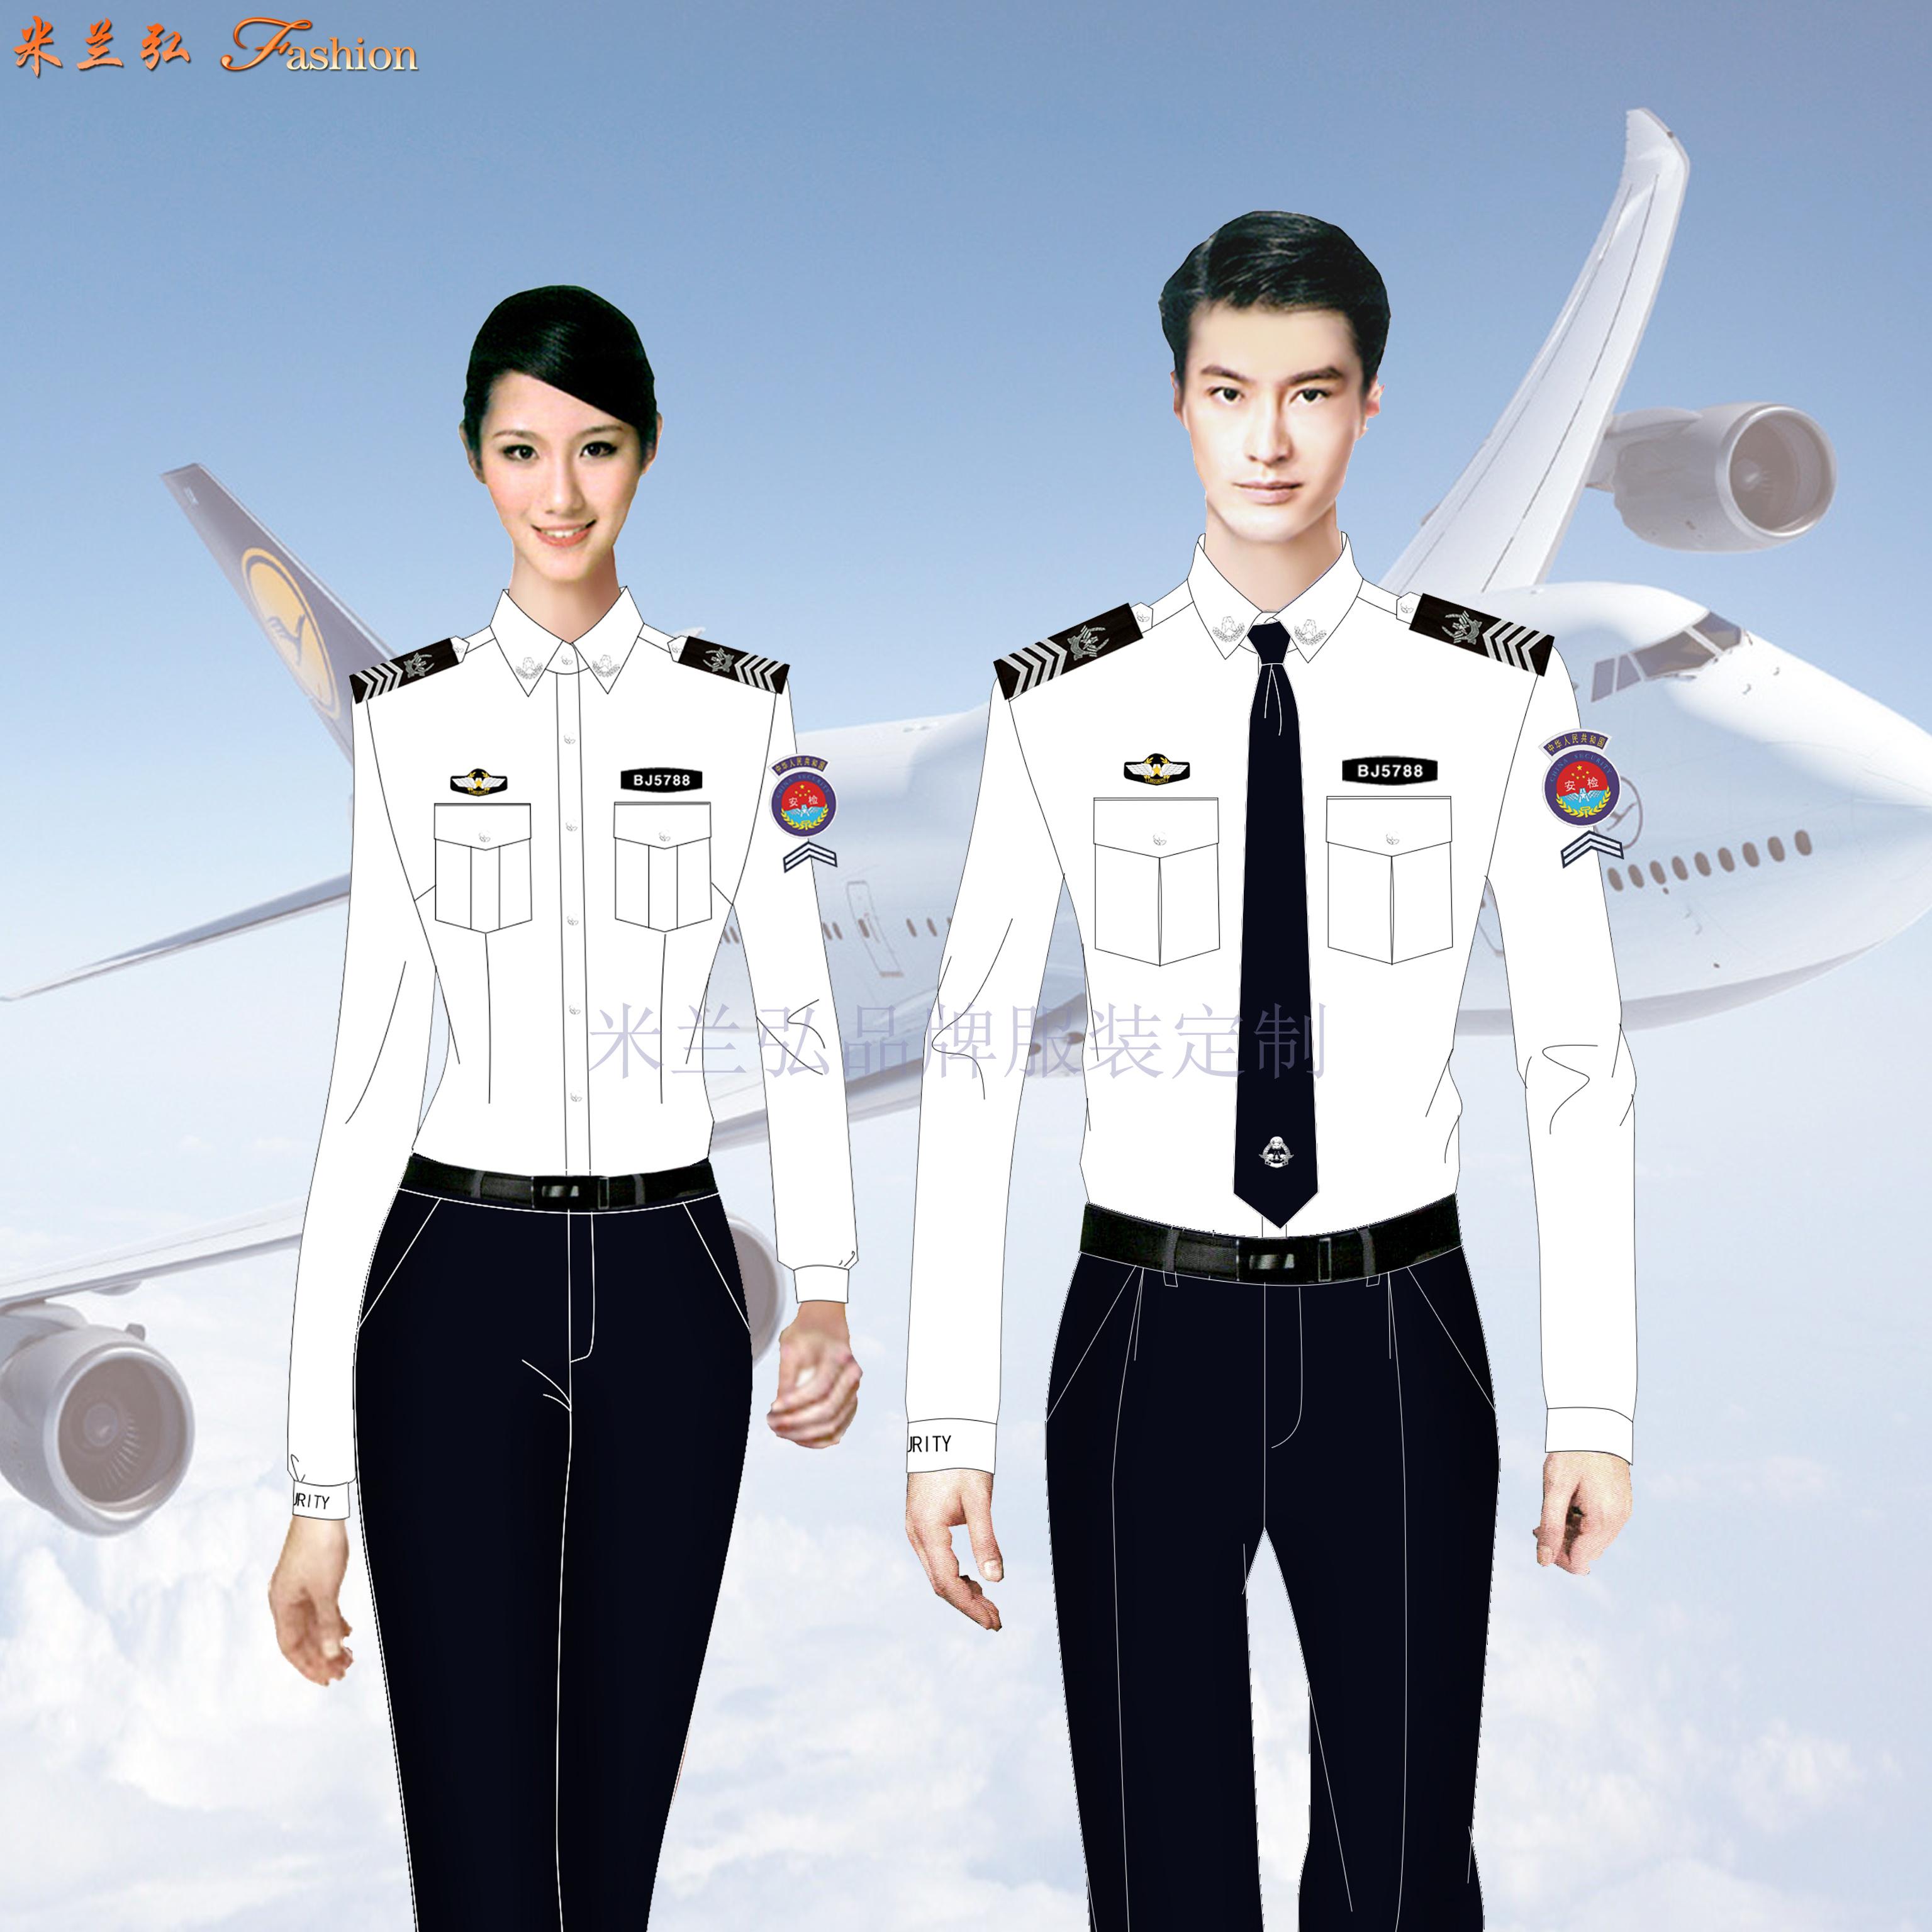 「北京地鐵新工服」北京地鐵工作服-米蘭弘服裝廠家-4